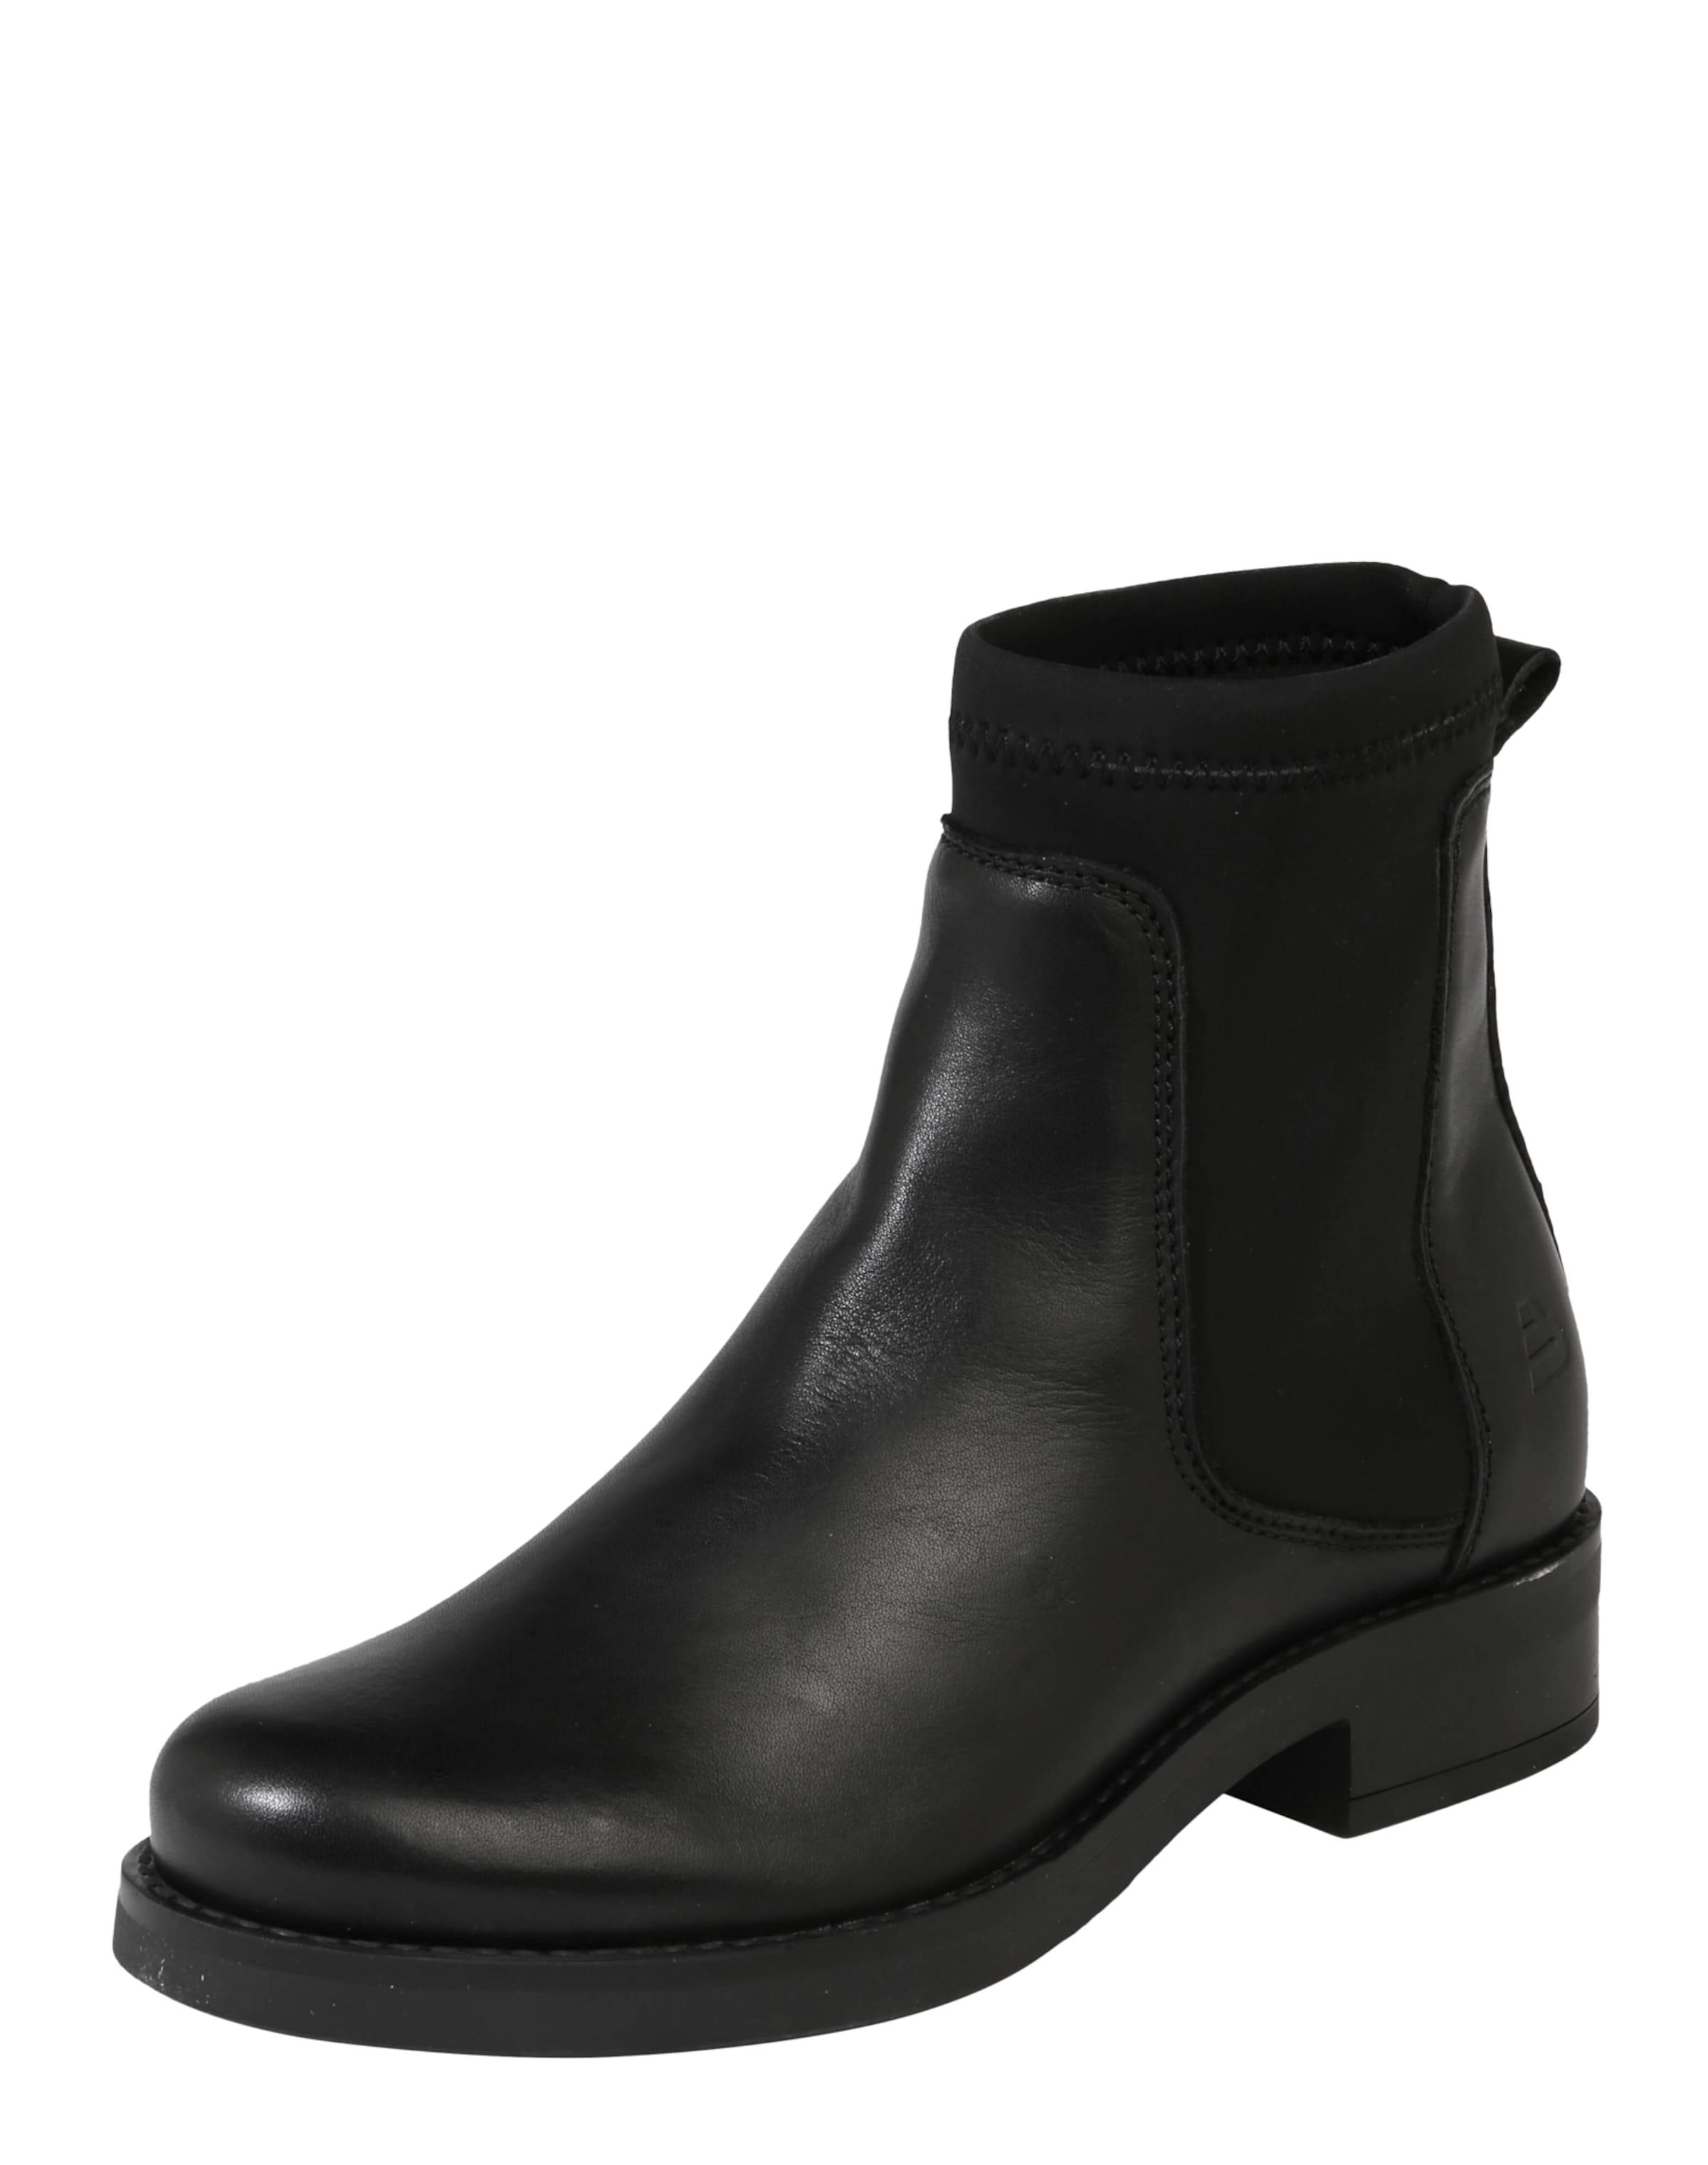 Haltbare Mode billige Schuhe BULLBOXER | Chelsea-Boot mit Stretcheinsatz Schuhe Gut getragene Schuhe